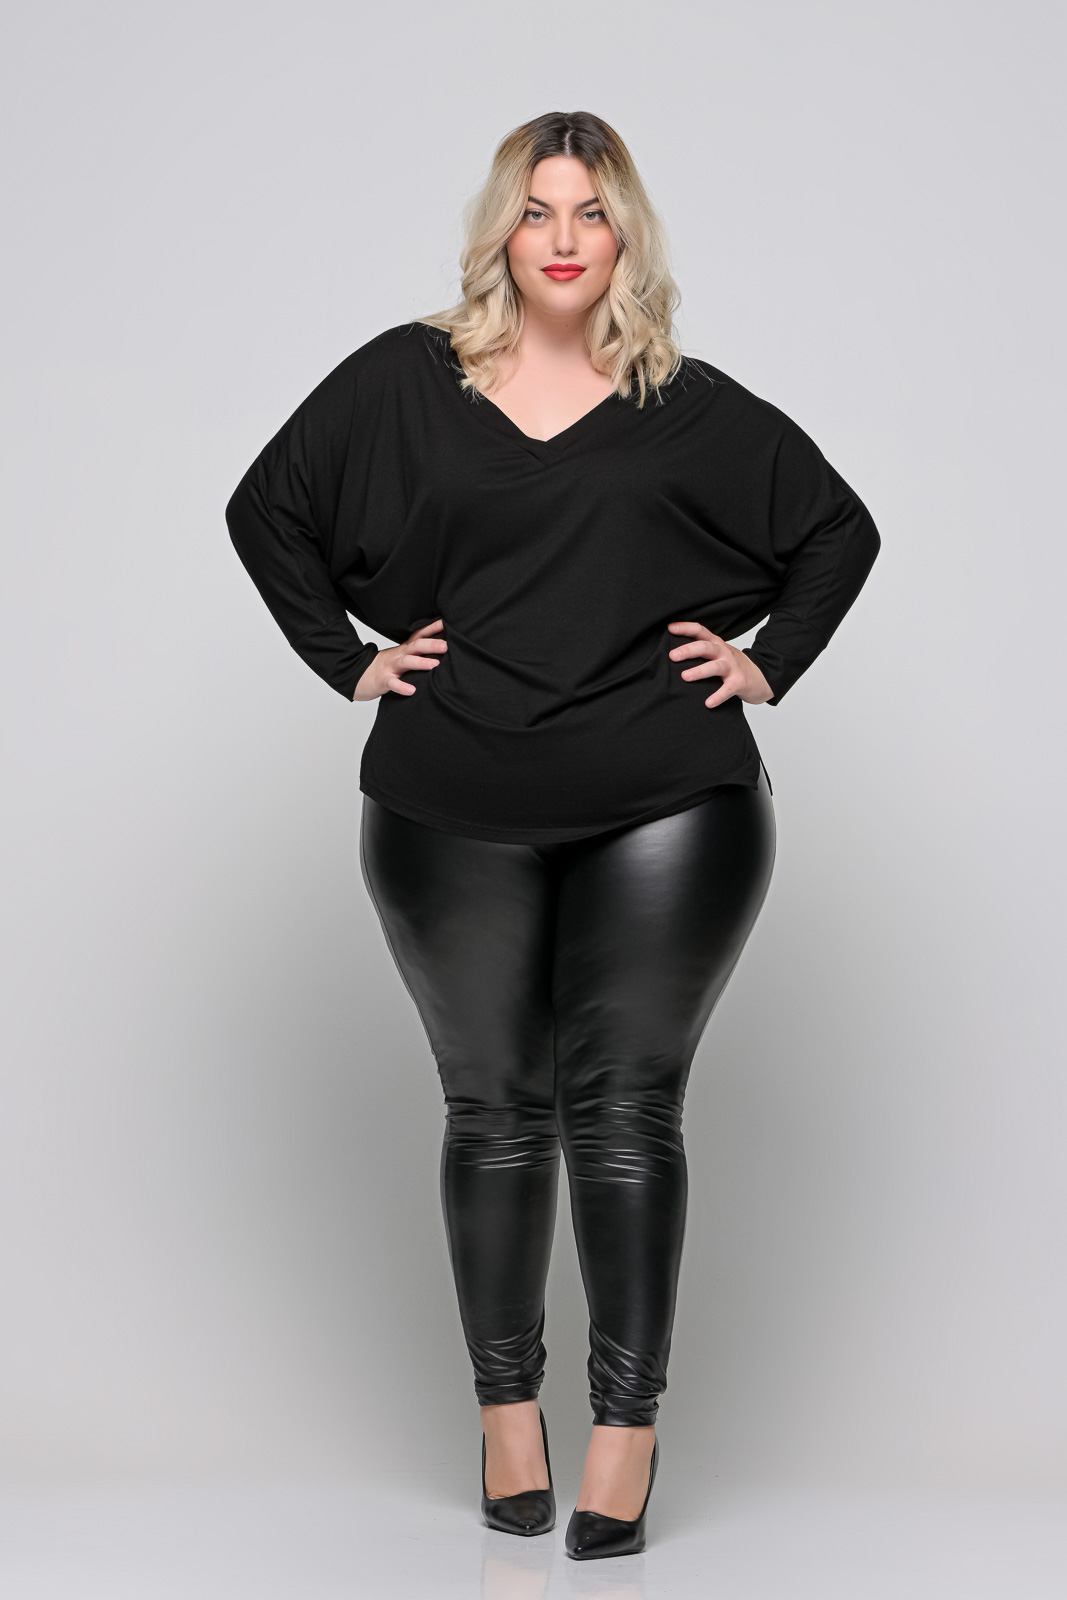 Μπλούζα μεγάλα μεγέθη βισκόζ μαύρη νυχτερίδα με V και ανοίγματα . Στο eshop μας θα βρείτε οικονομικά γυναίκεια ρούχα σε μεγάλα μεγέθη και υπερμεγέθη.